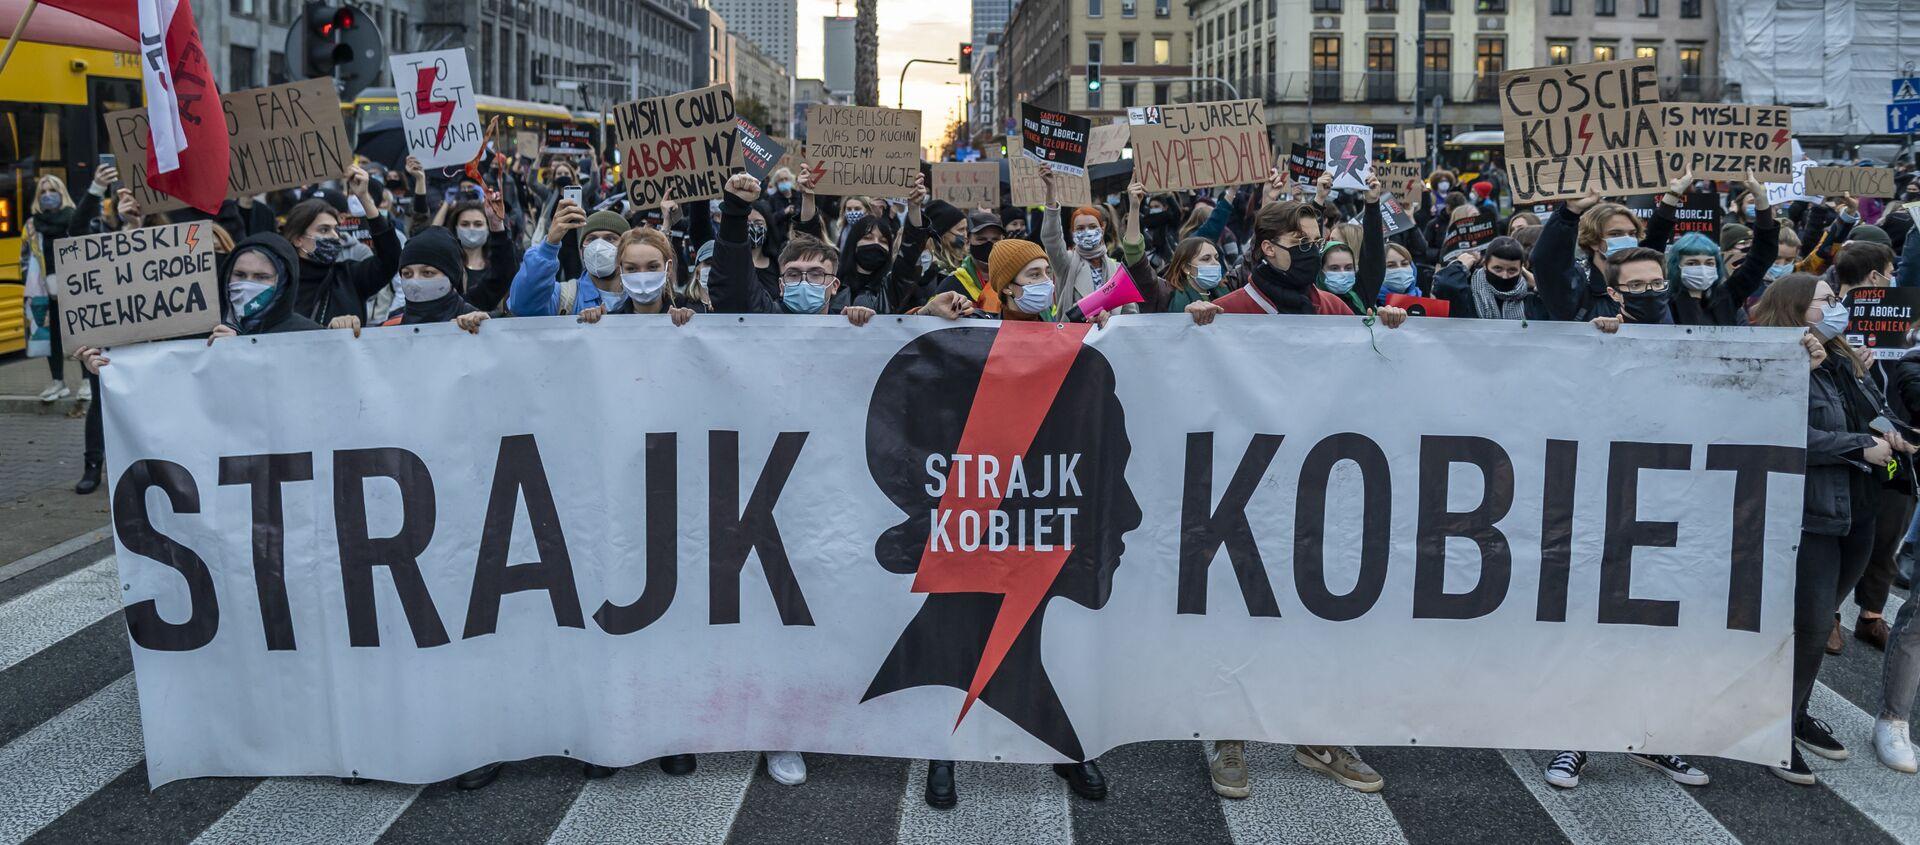 Strajk Kobiet w Warszawie. Protesty ws. zaostrzenia ustawy antyaborcyjnej - Sputnik Polska, 1920, 10.02.2021